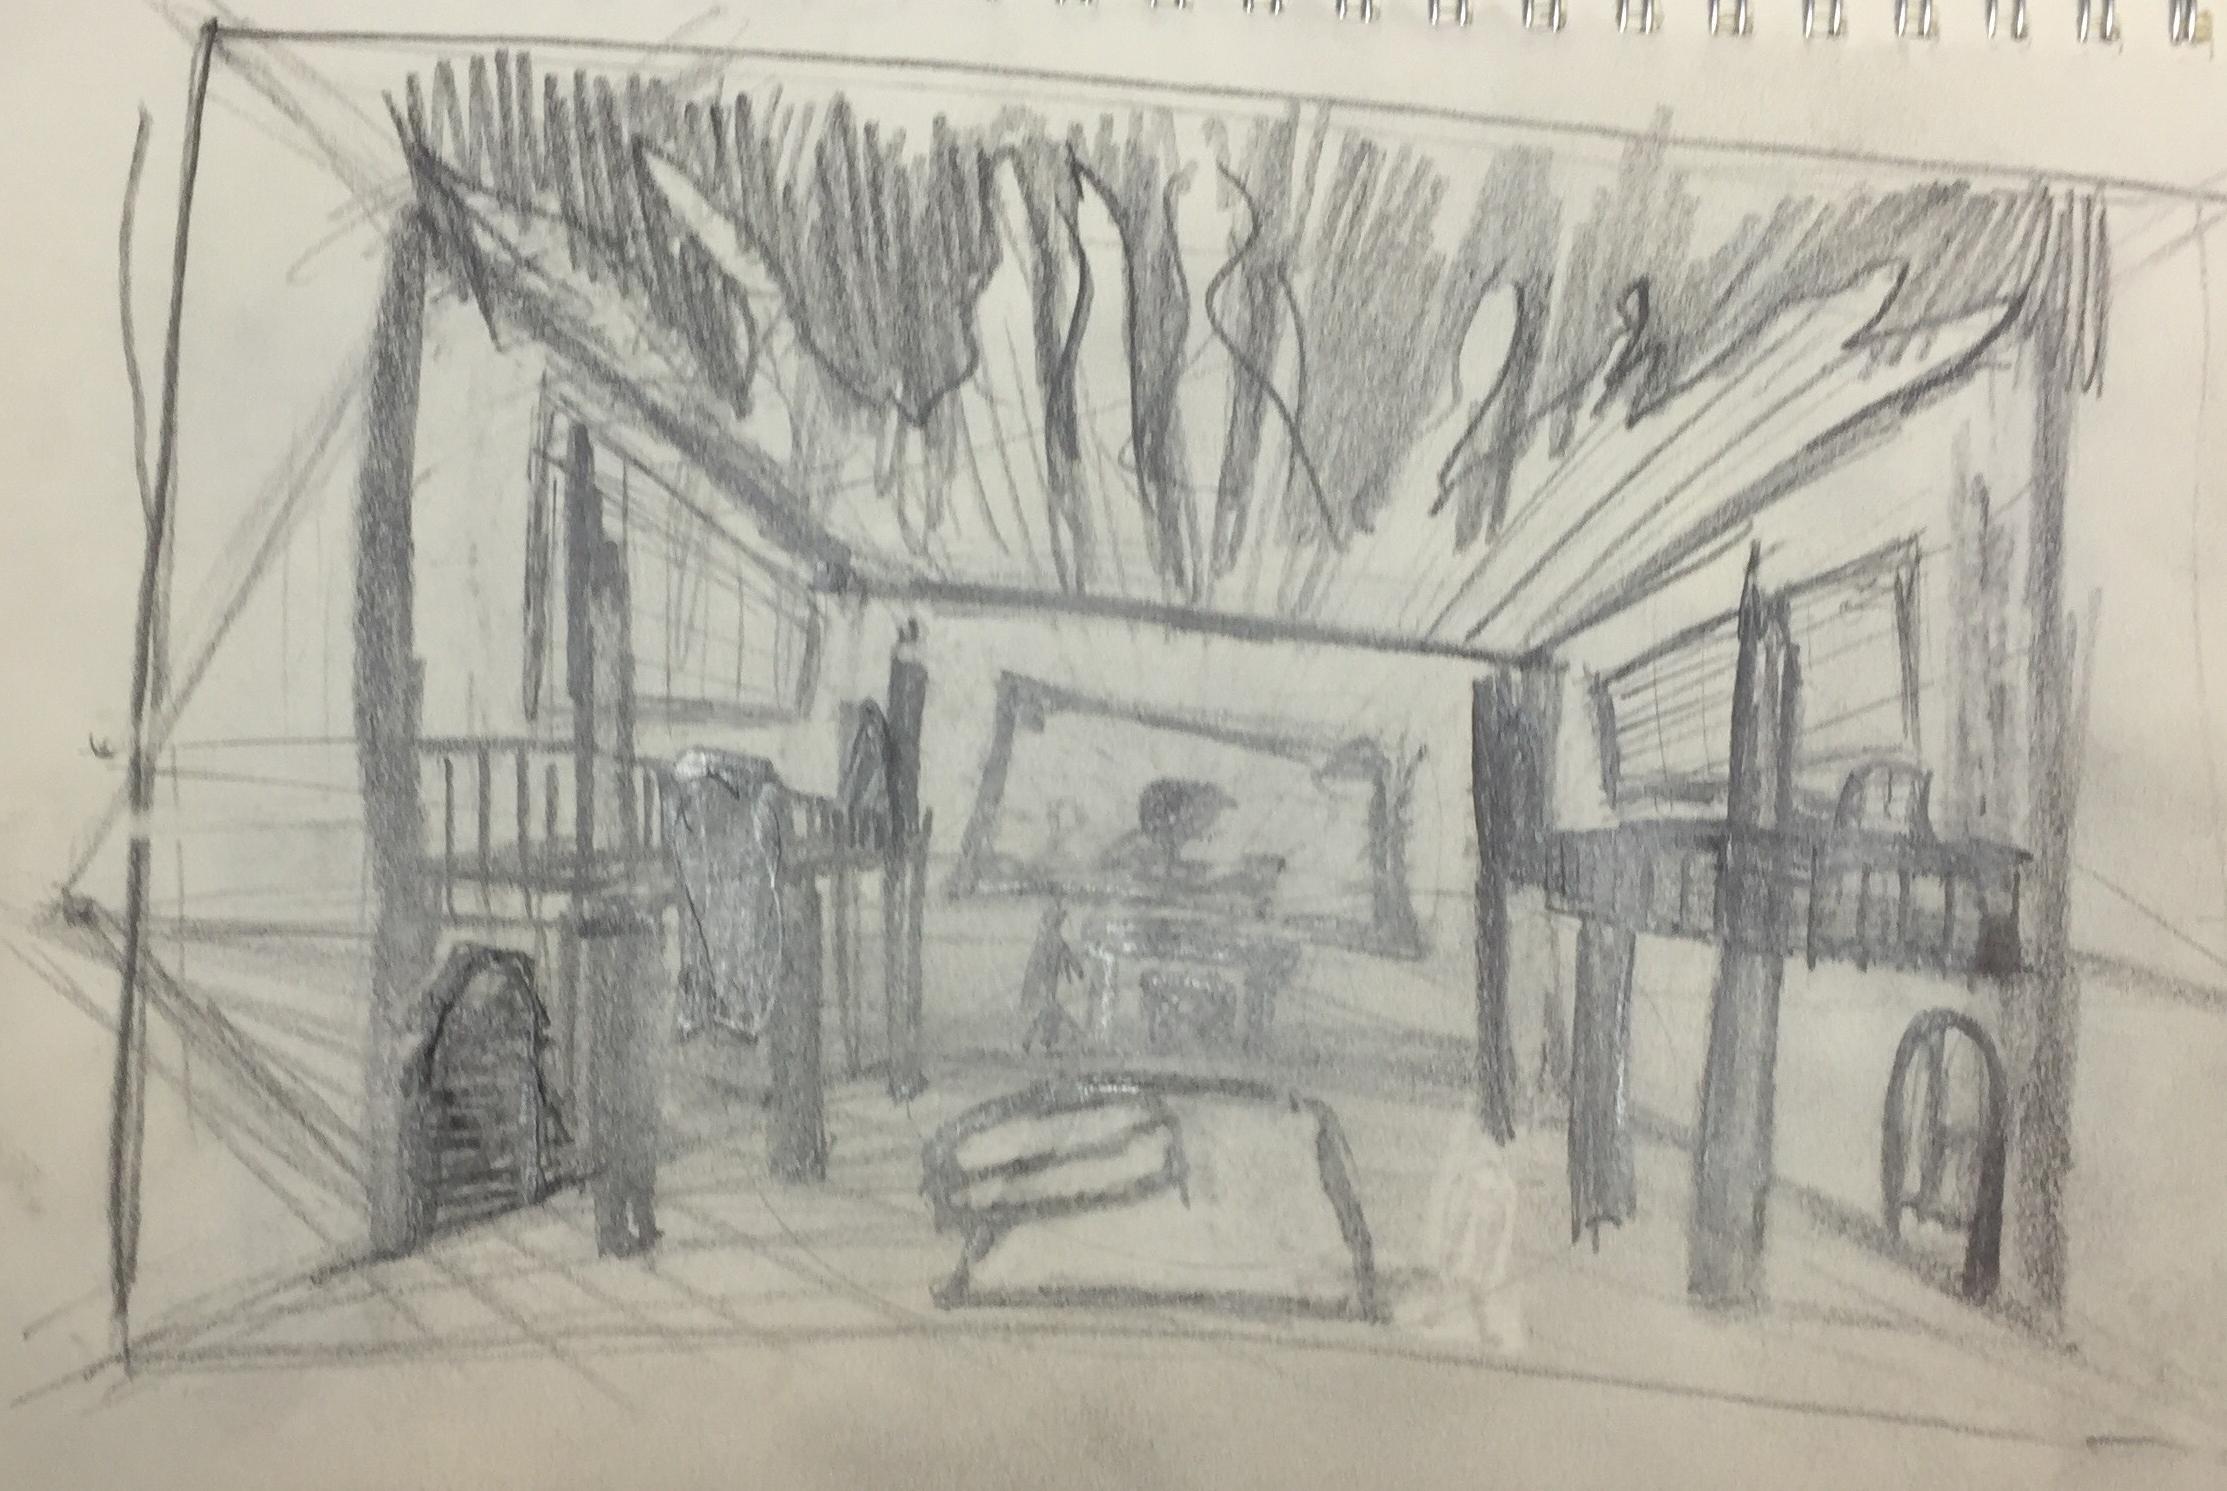 Sketch in pencil